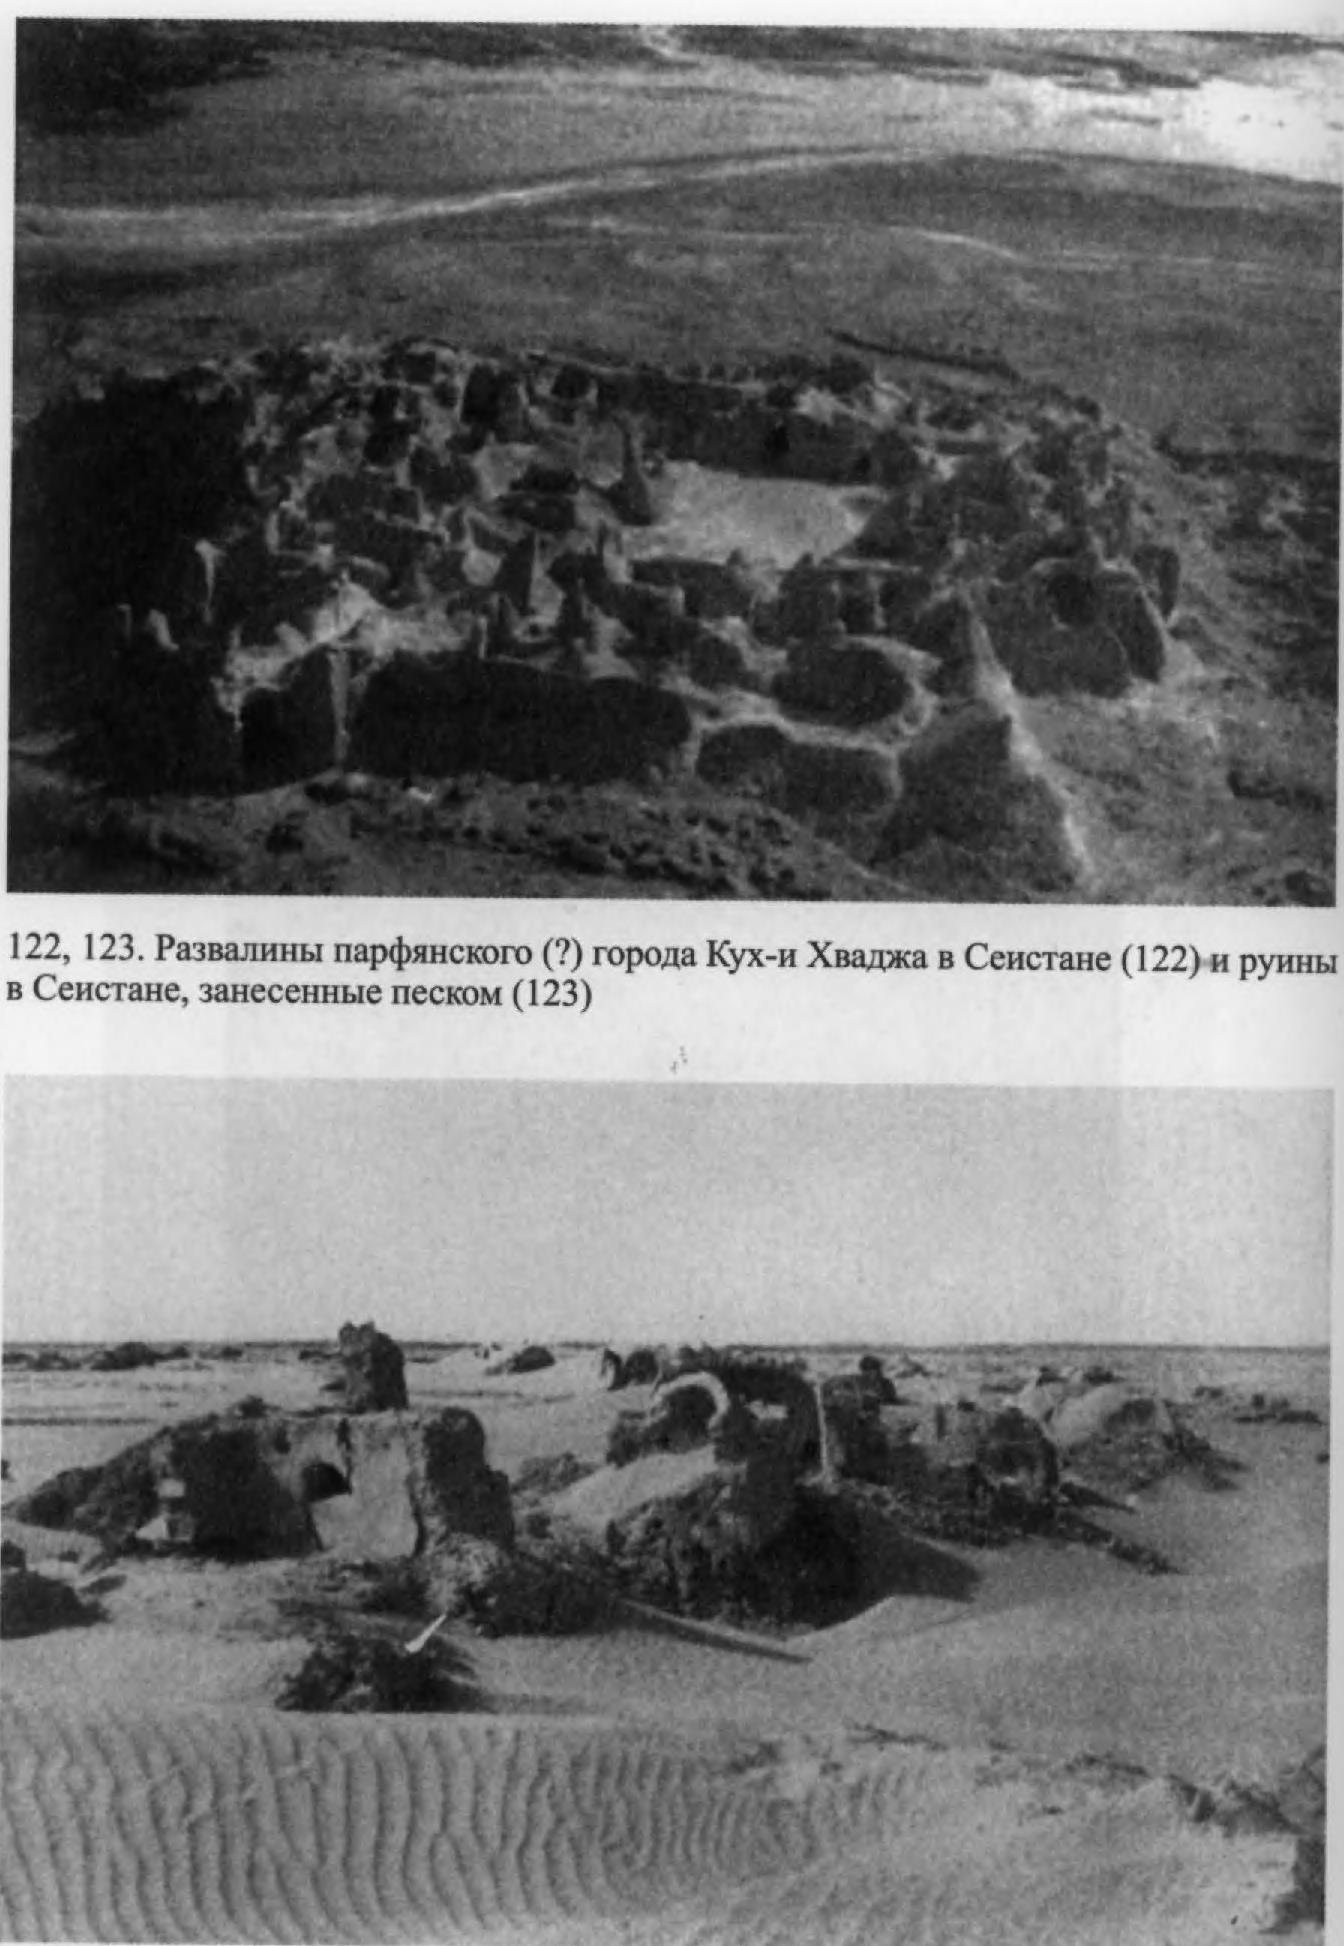 122,123. Развалины парфянского (?) города Кух-и Хваджа в Сеистане (122) и руины в Сеистане, занесенные песком (123)